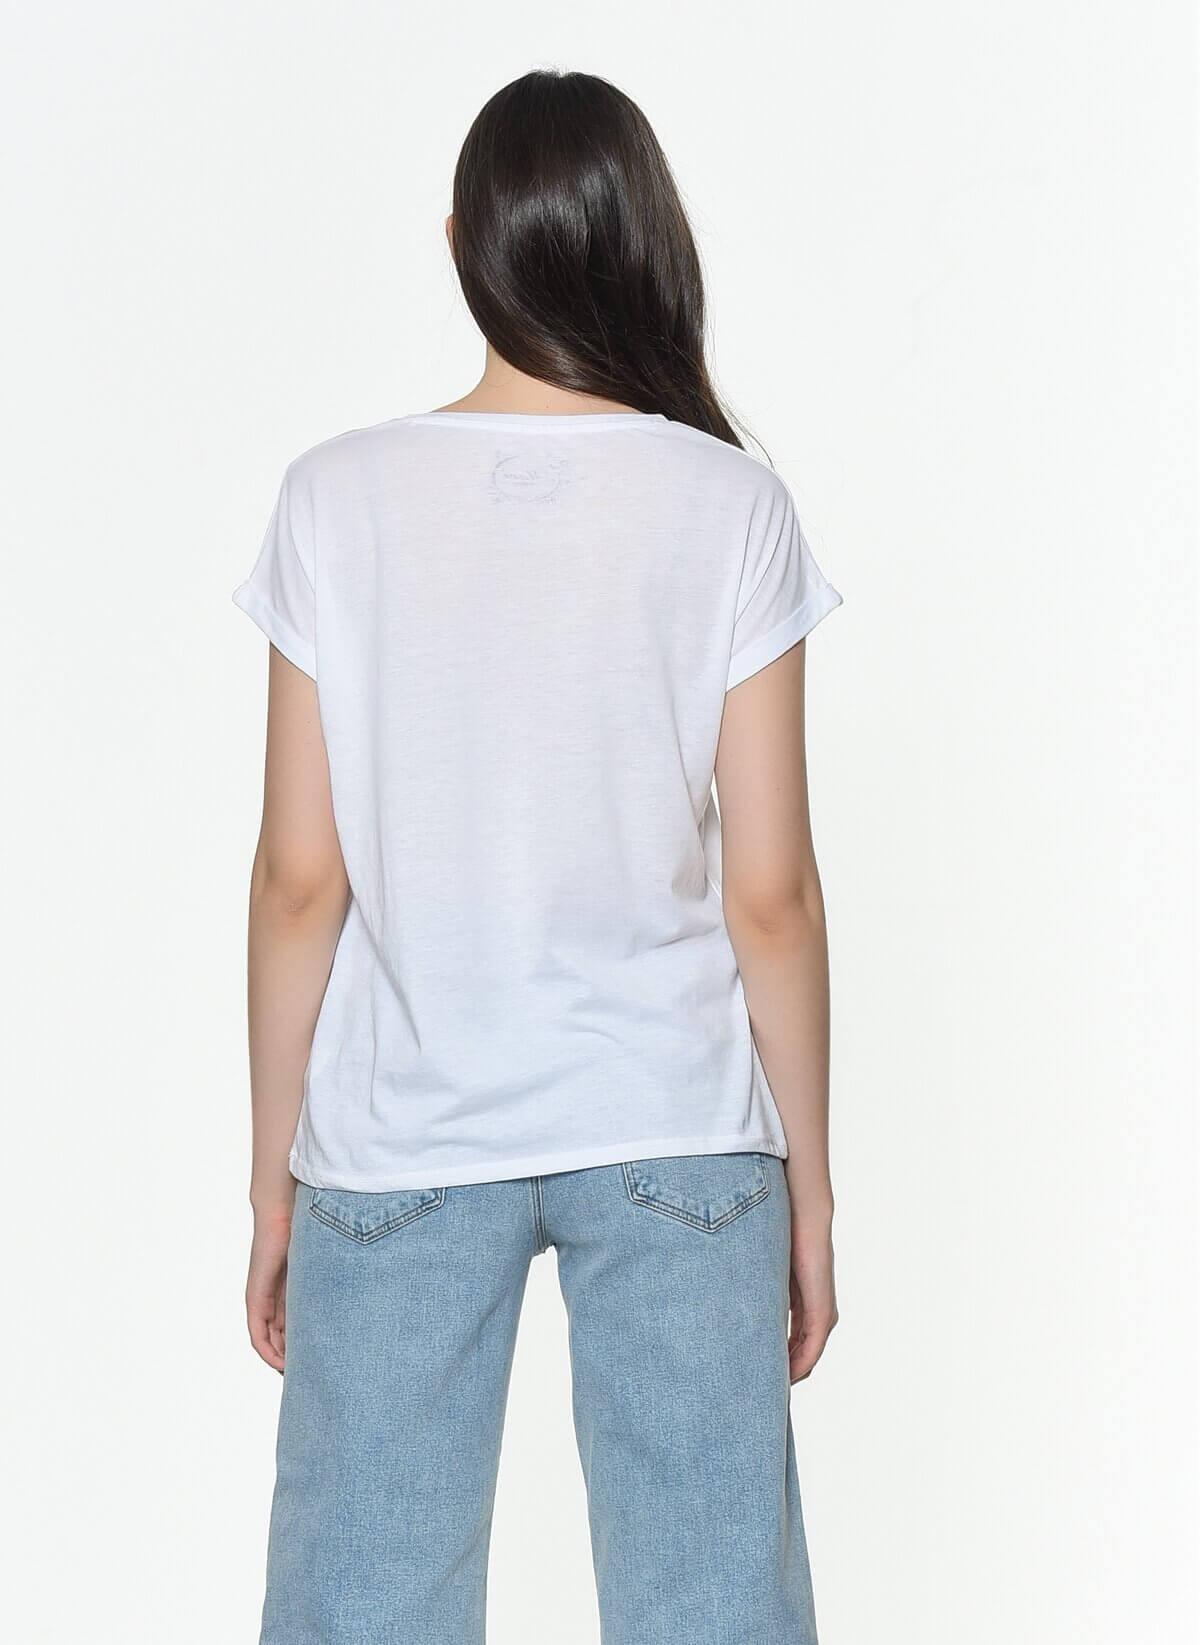 Mavi Jeans Kadın Baskılı Beyaz Tişört